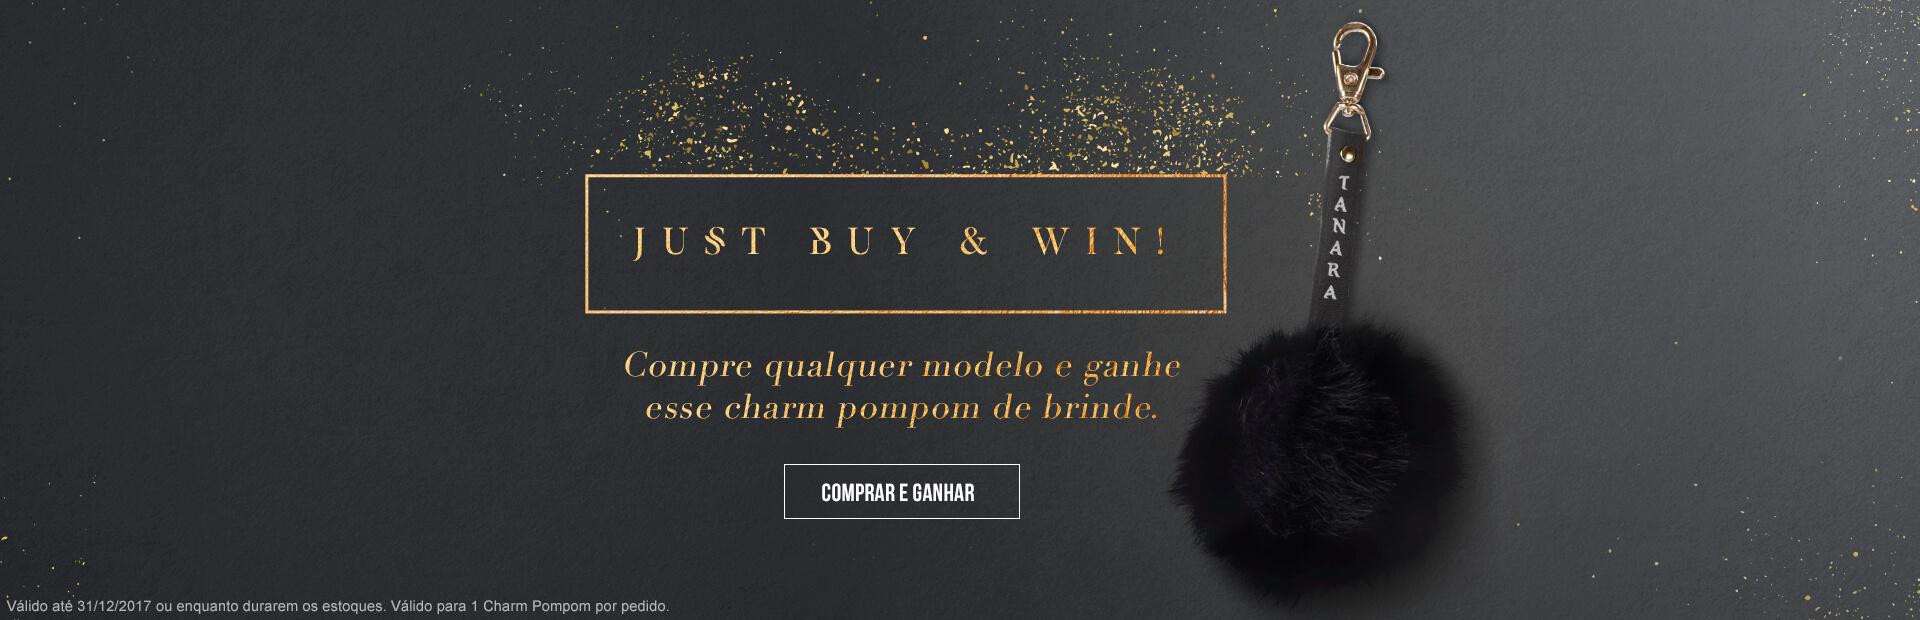 Compre qualquer modelo e ganhe esse charm pompom